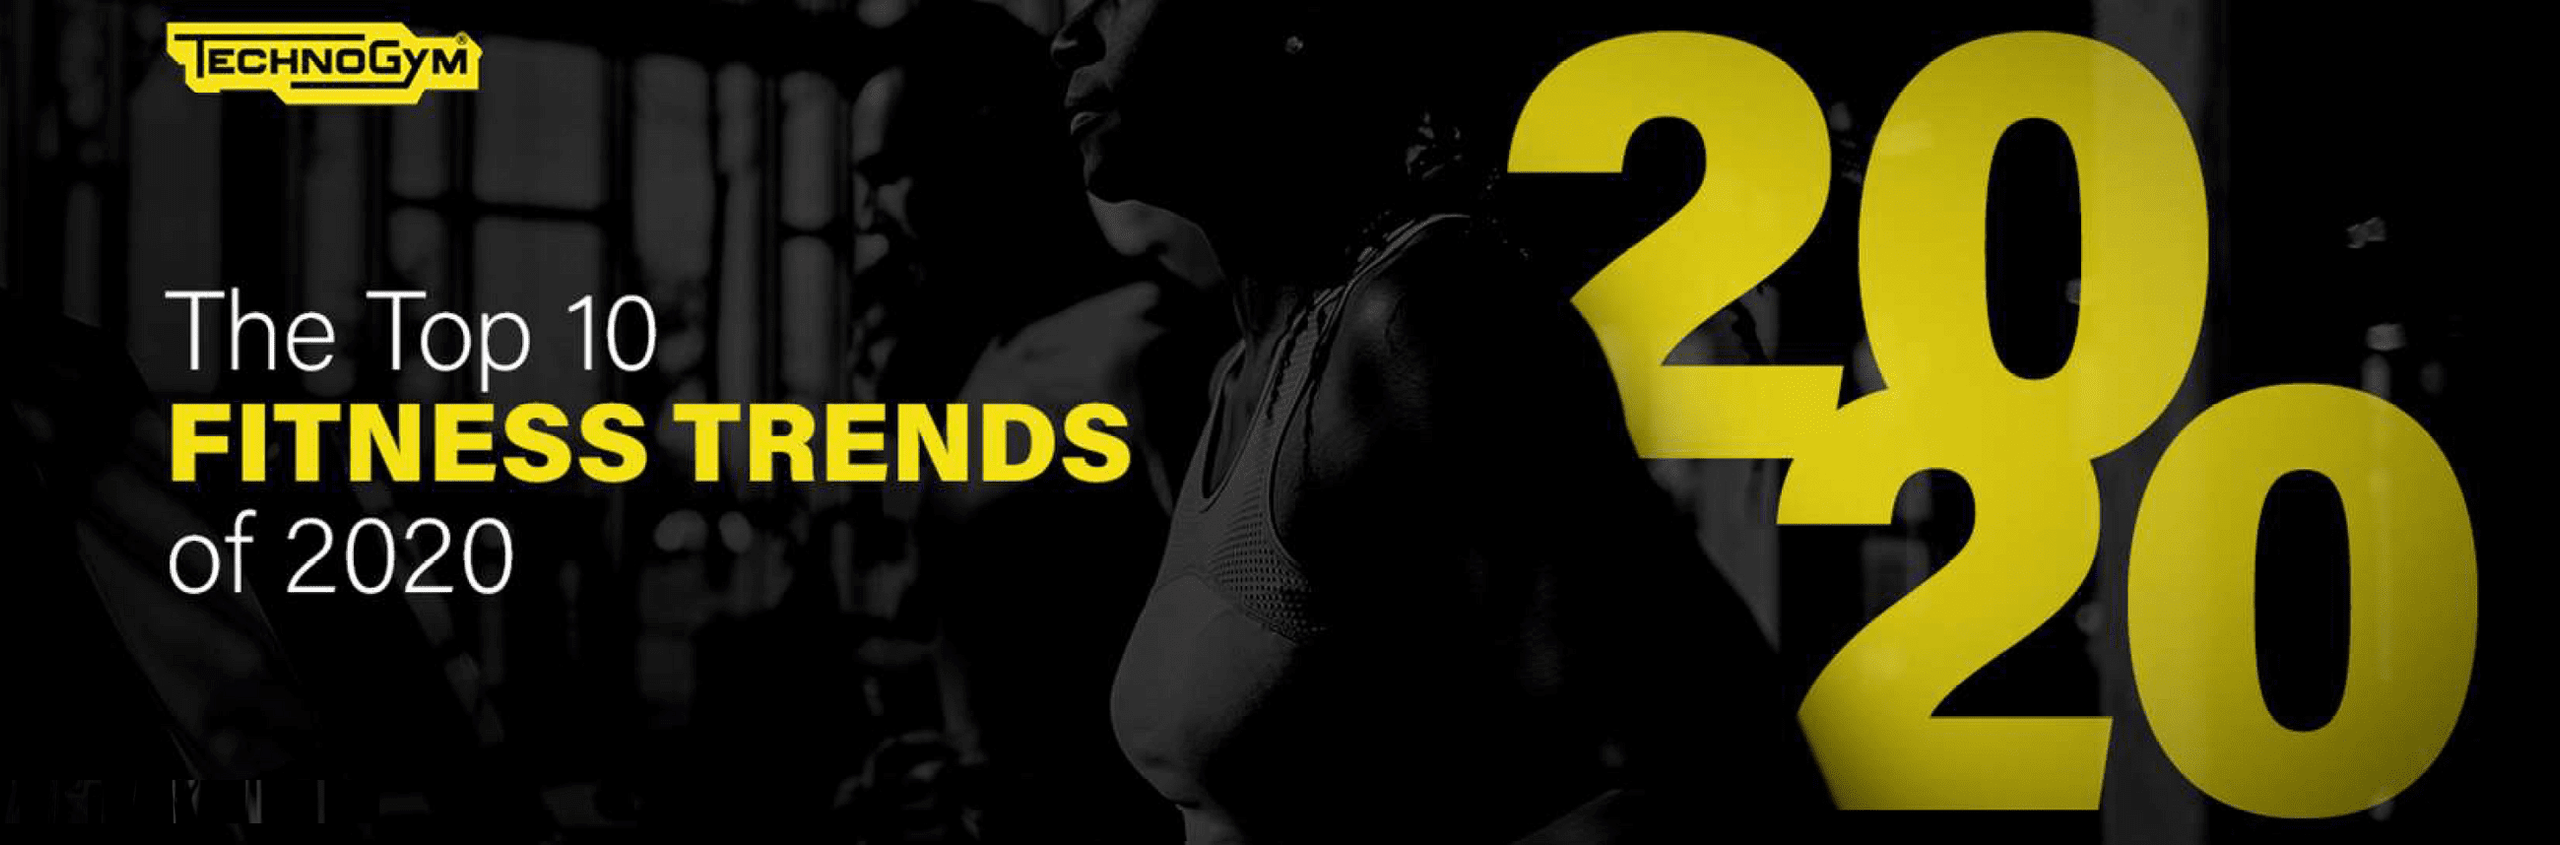 Topp 10 träningstrender 2020